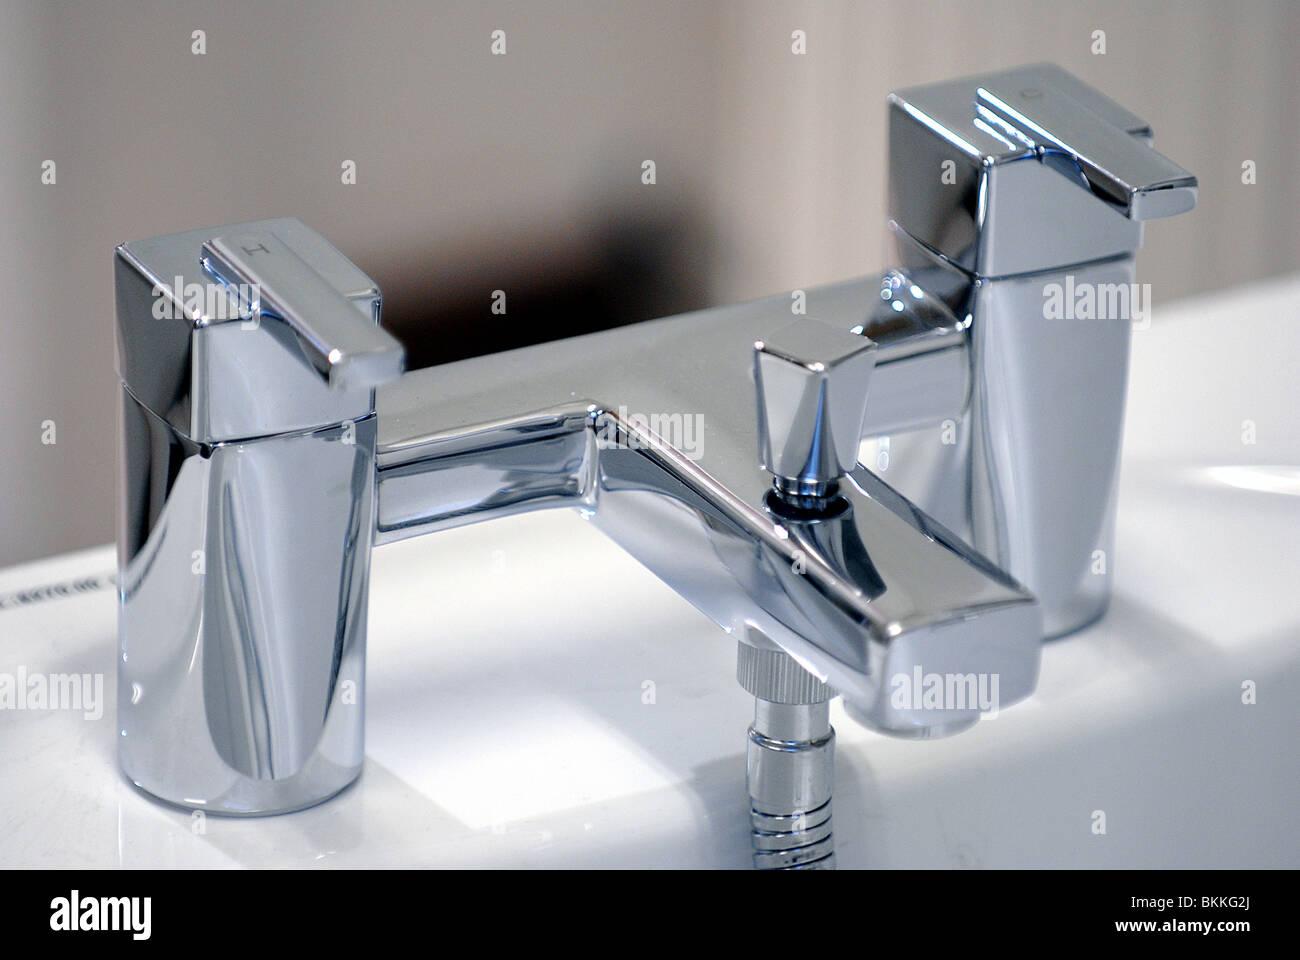 Bagno moderno rubinetto miscelatore foto & immagine stock: 29318538